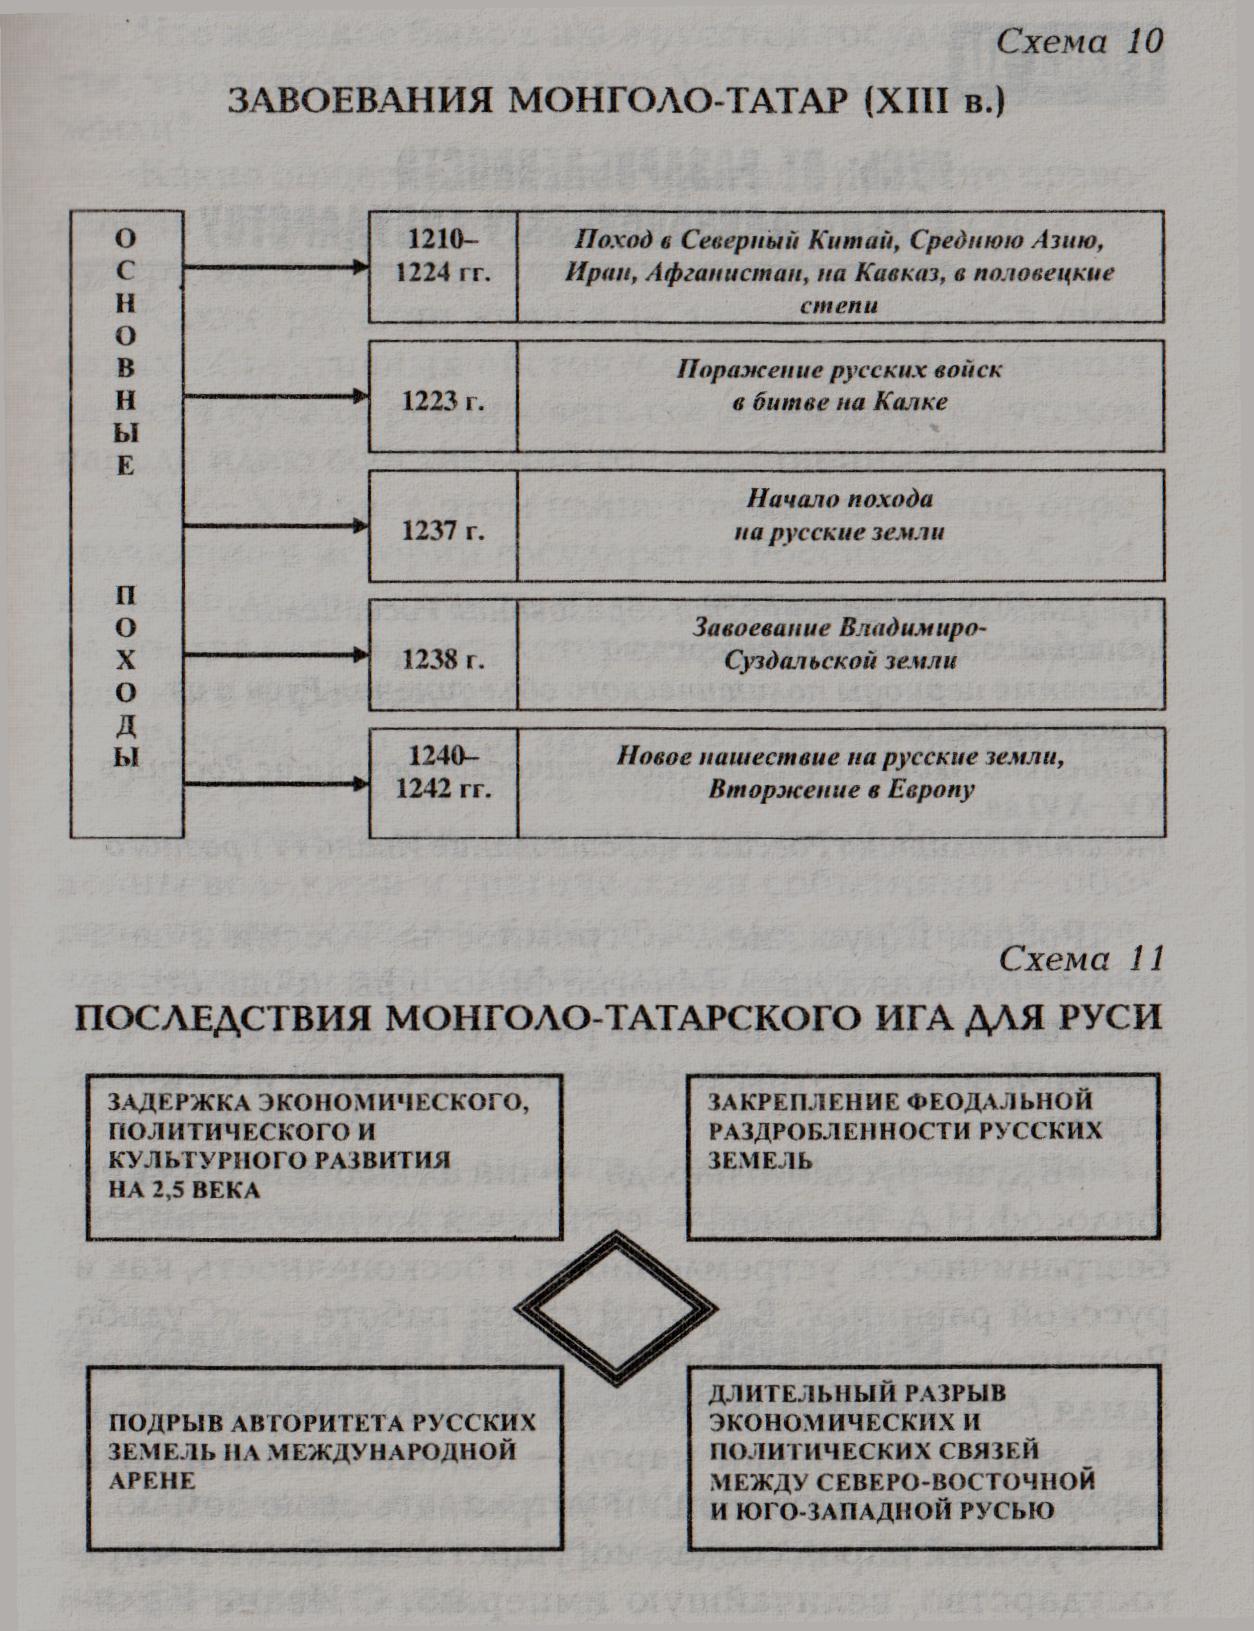 Схема управления государством в период раздробленности